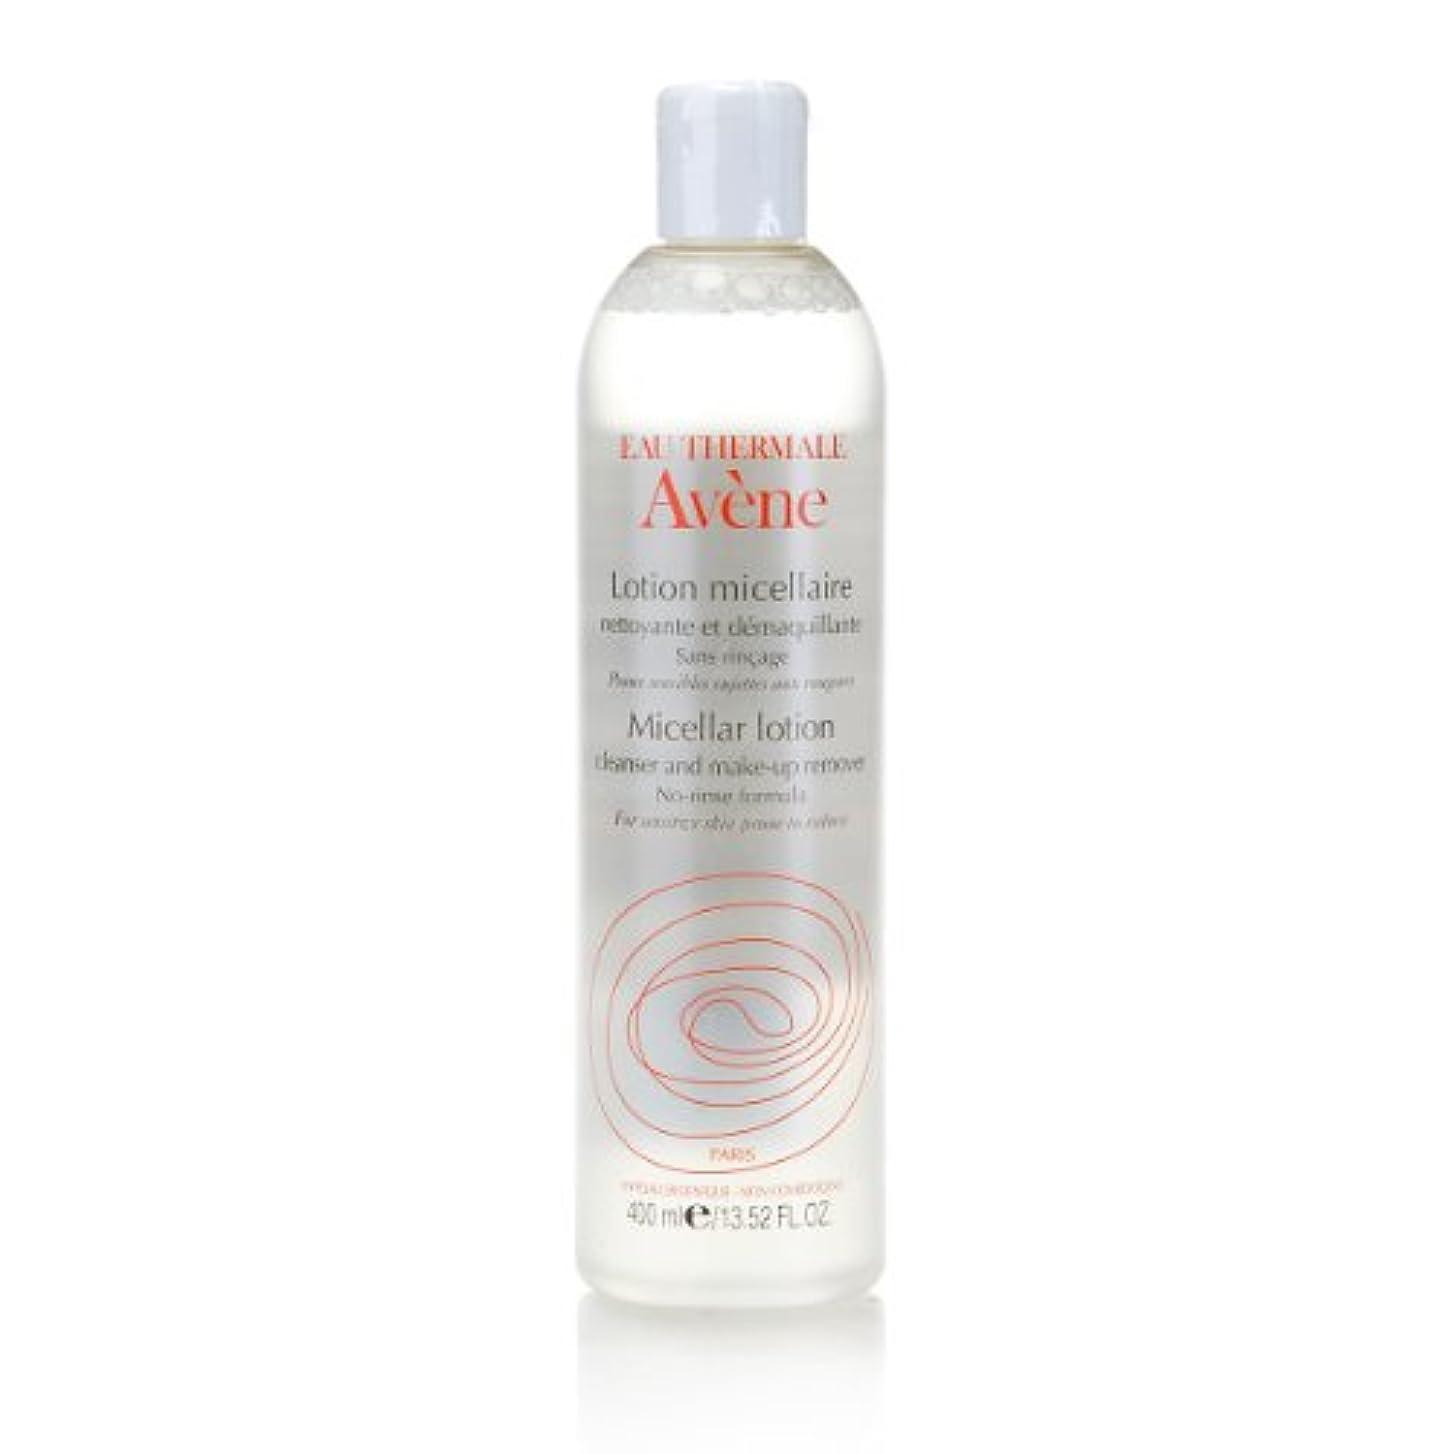 前投薬今後電圧Avene Micellar Lotion Cleanser And Make-up Remover 400ml [並行輸入品]